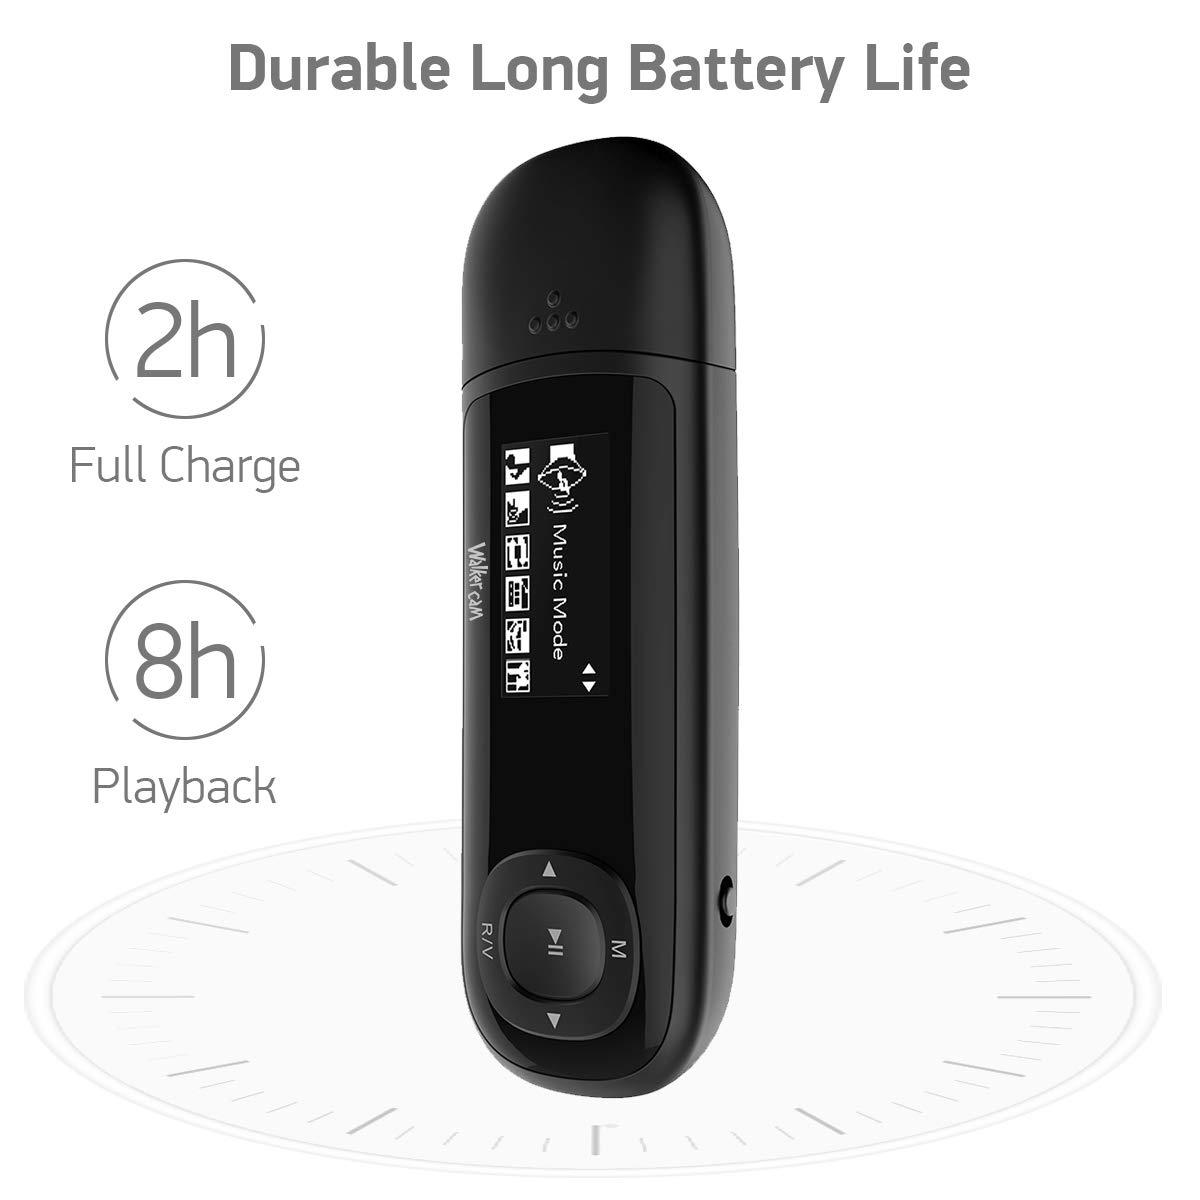 1 Jahr Ersatzgarantie Ebook SD-Karte erweiterbar UKW-Radio unterst/ützt Aufnahme Walkercam M1 8 GB USB-Stick MP3-Musik-Player